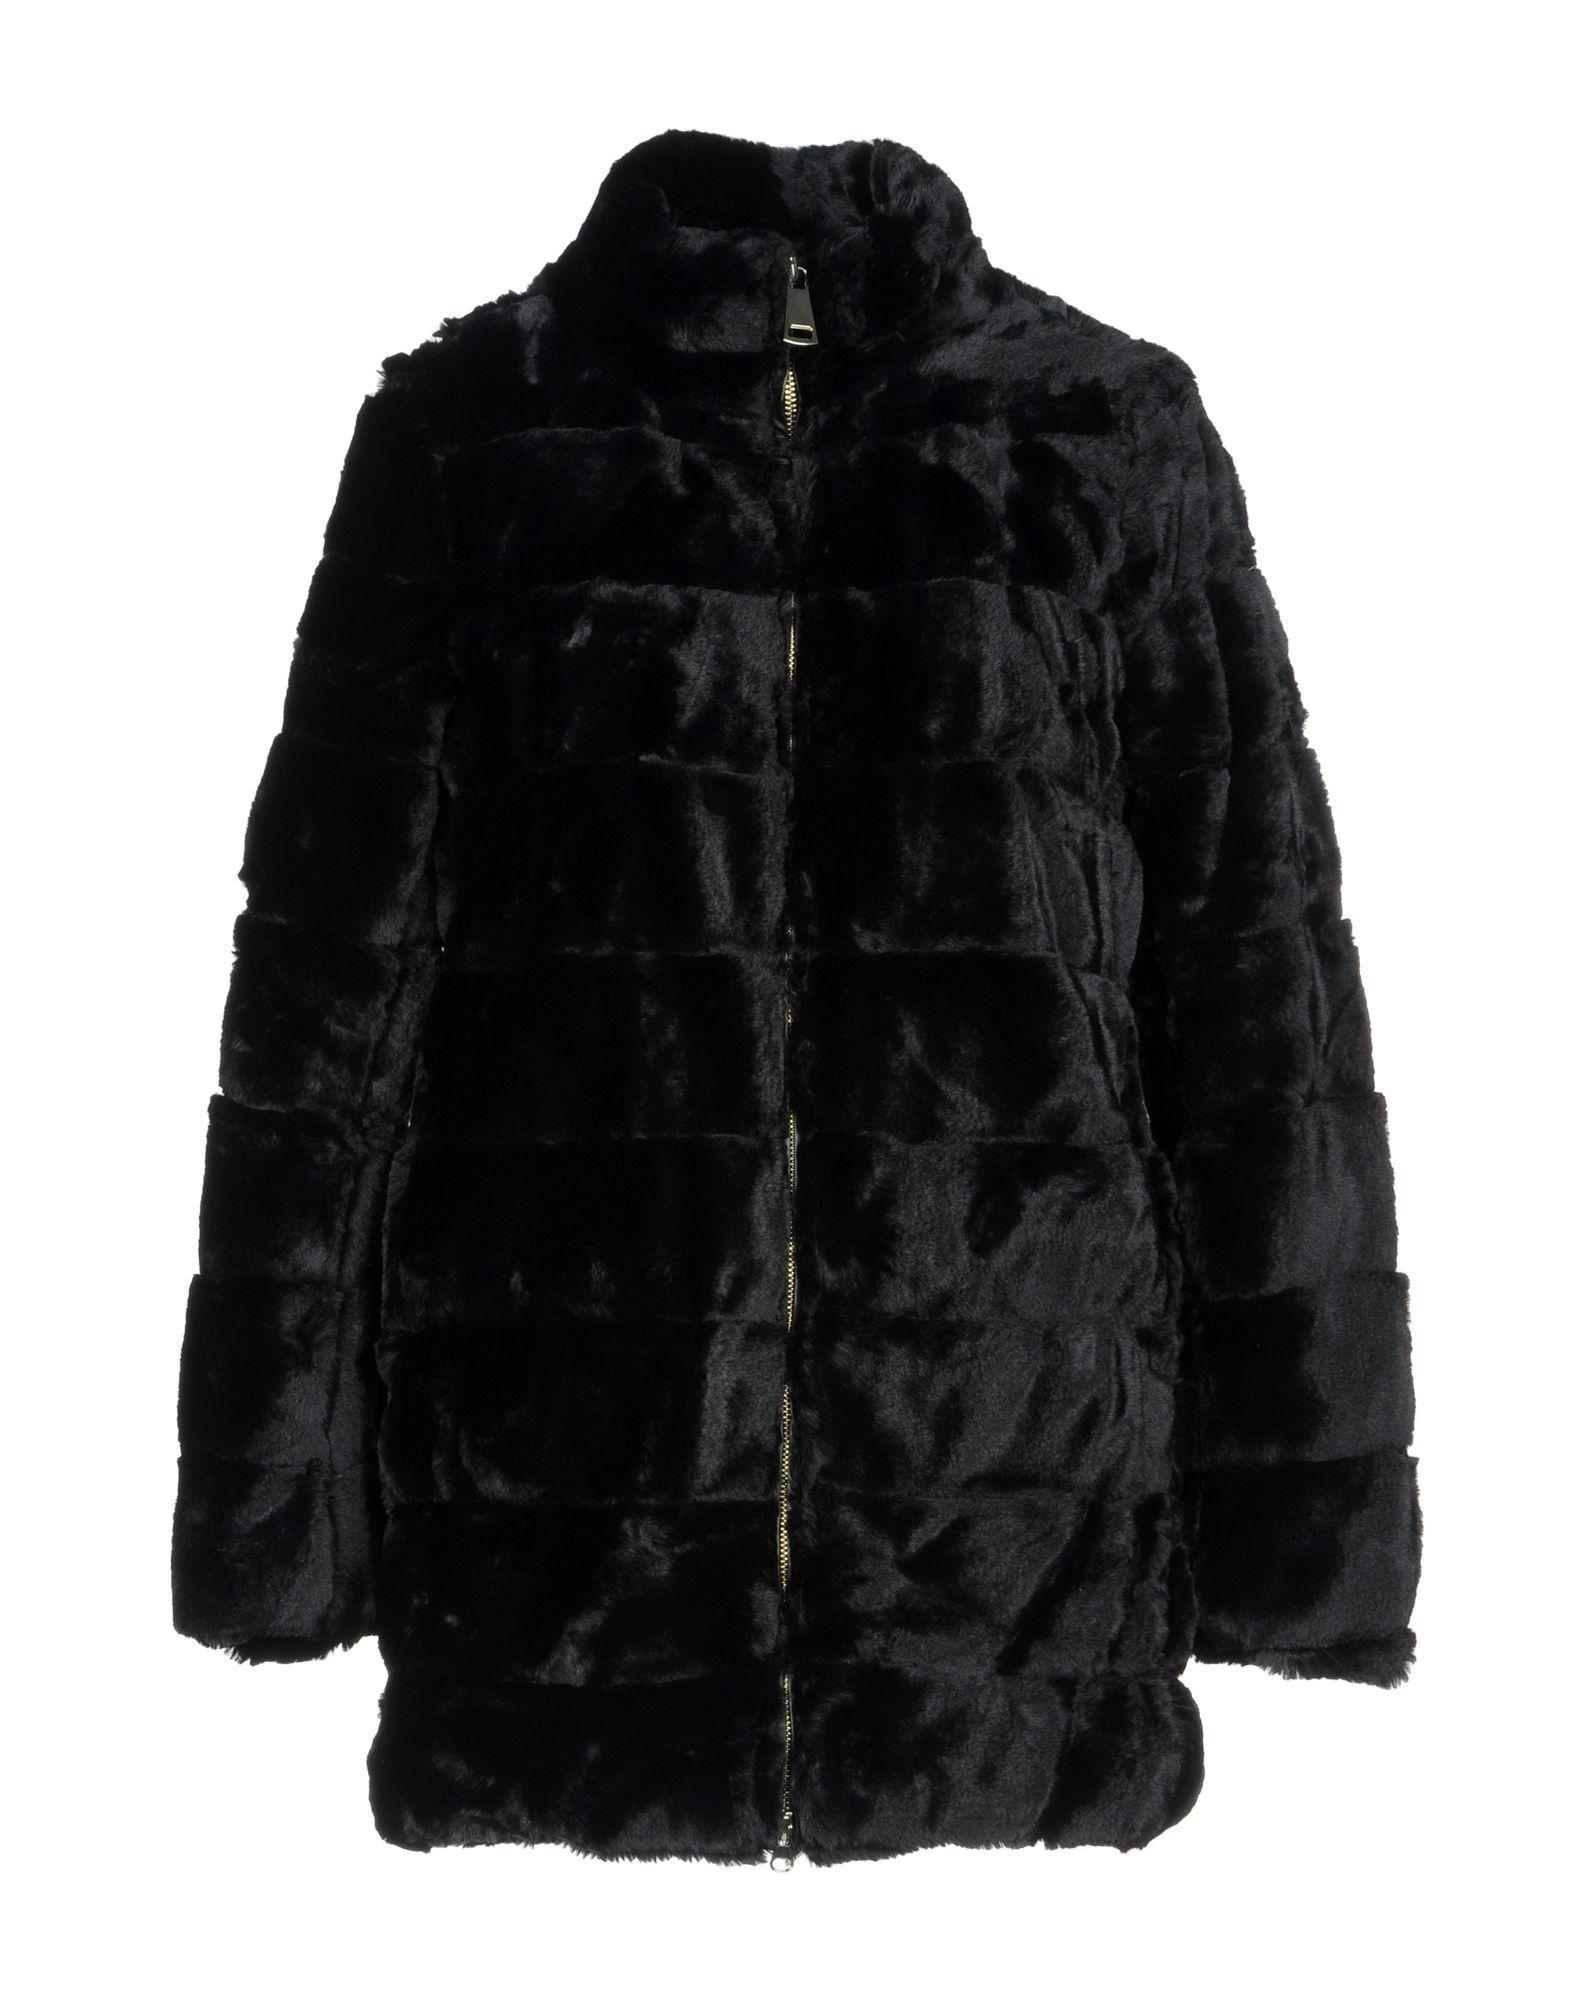 X-Cape Women's Faux Furs